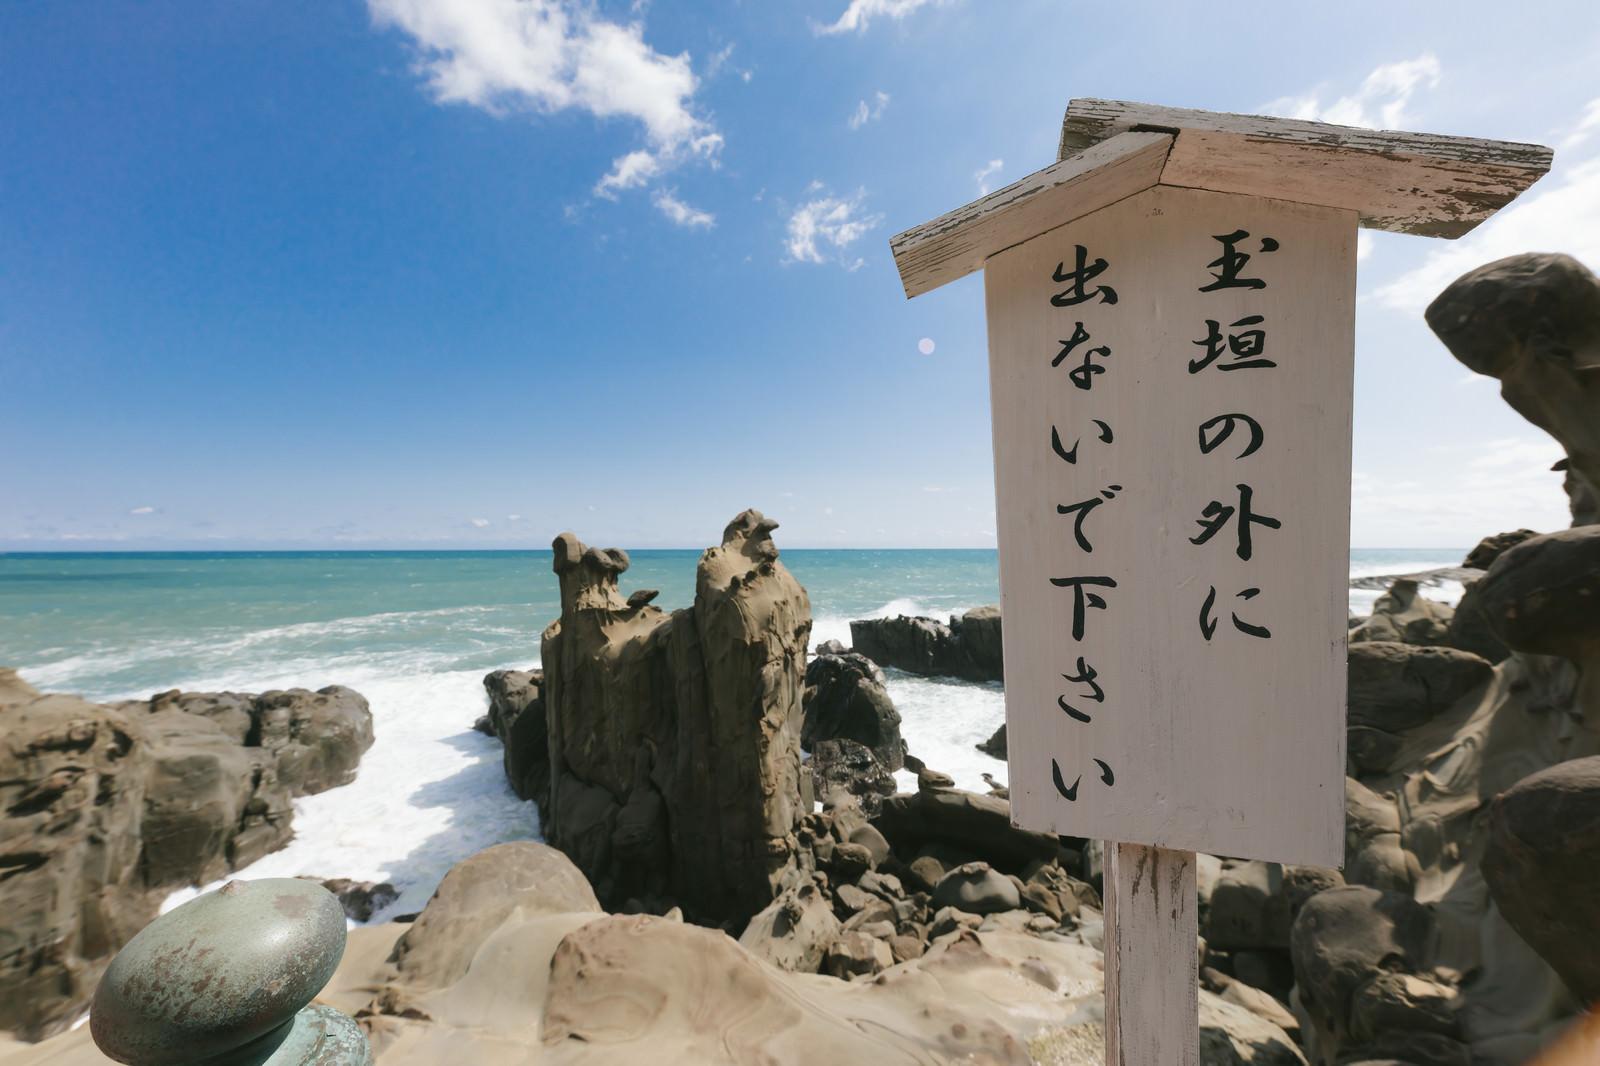 「断崖絶壁にある鵜戸神宮の警告板「玉垣の外に出ないで下さい」」の写真